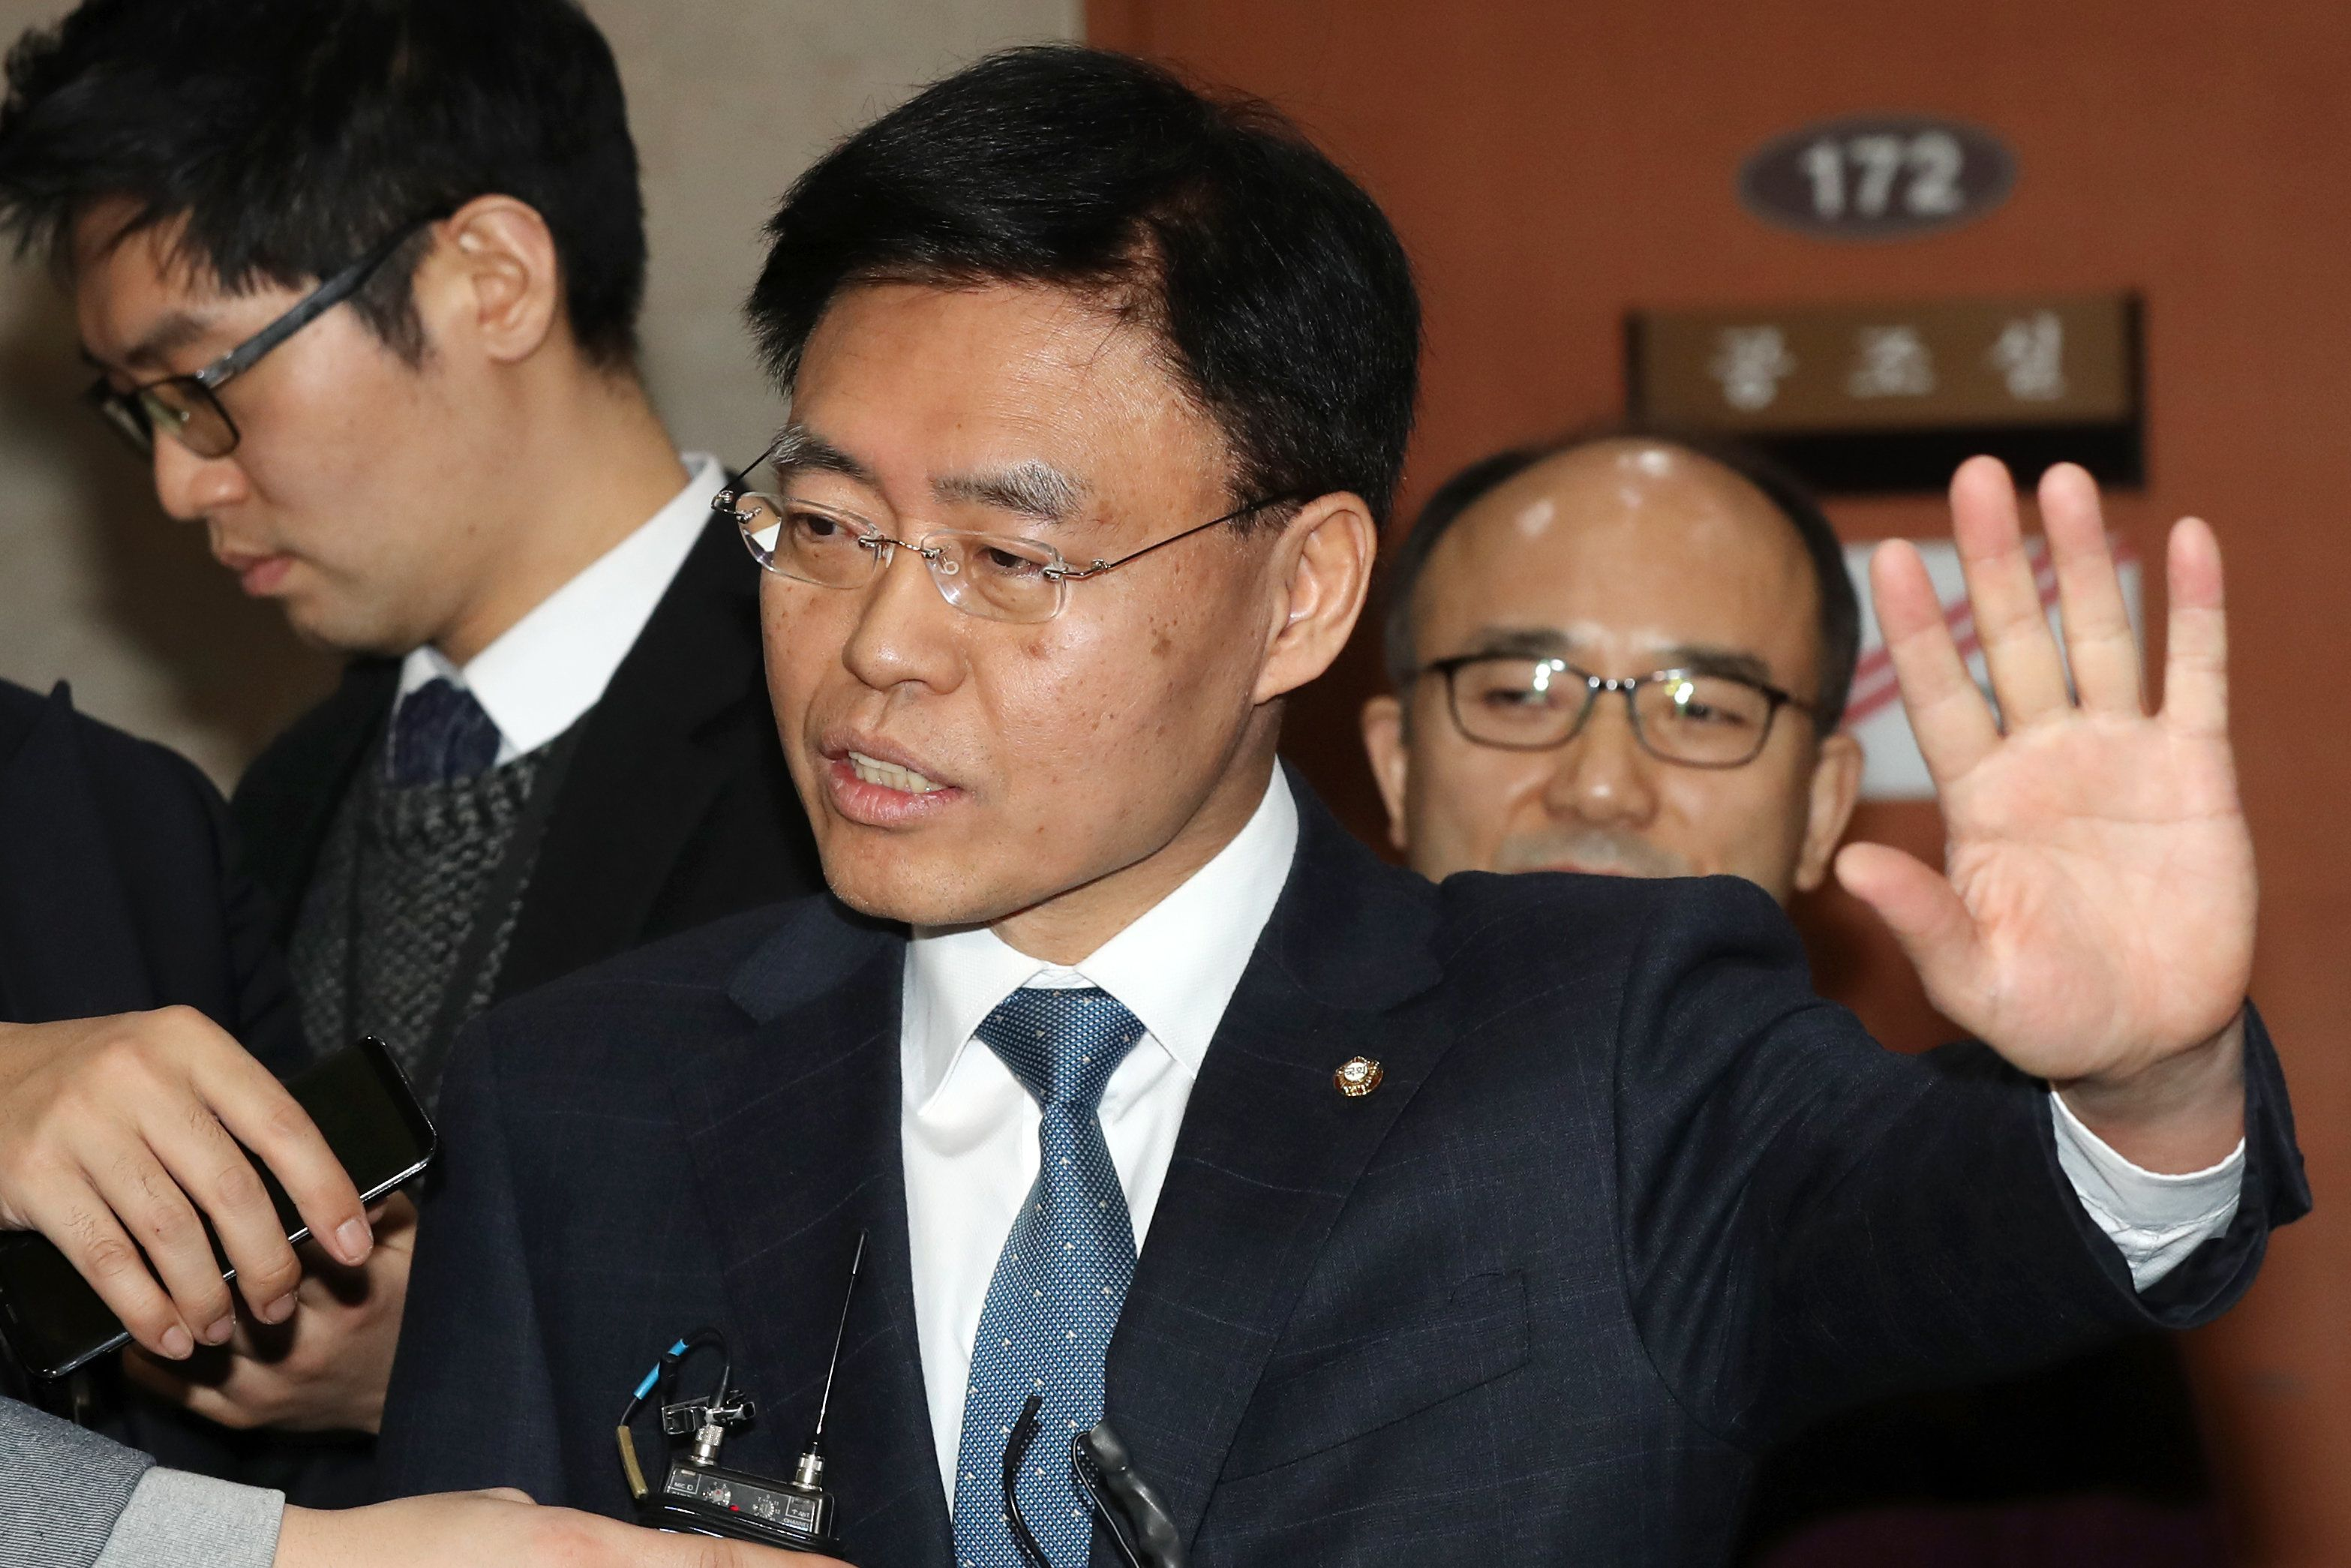 '연수 중 스트립바 방문' 의혹에 최교일 의원이 또 입장을